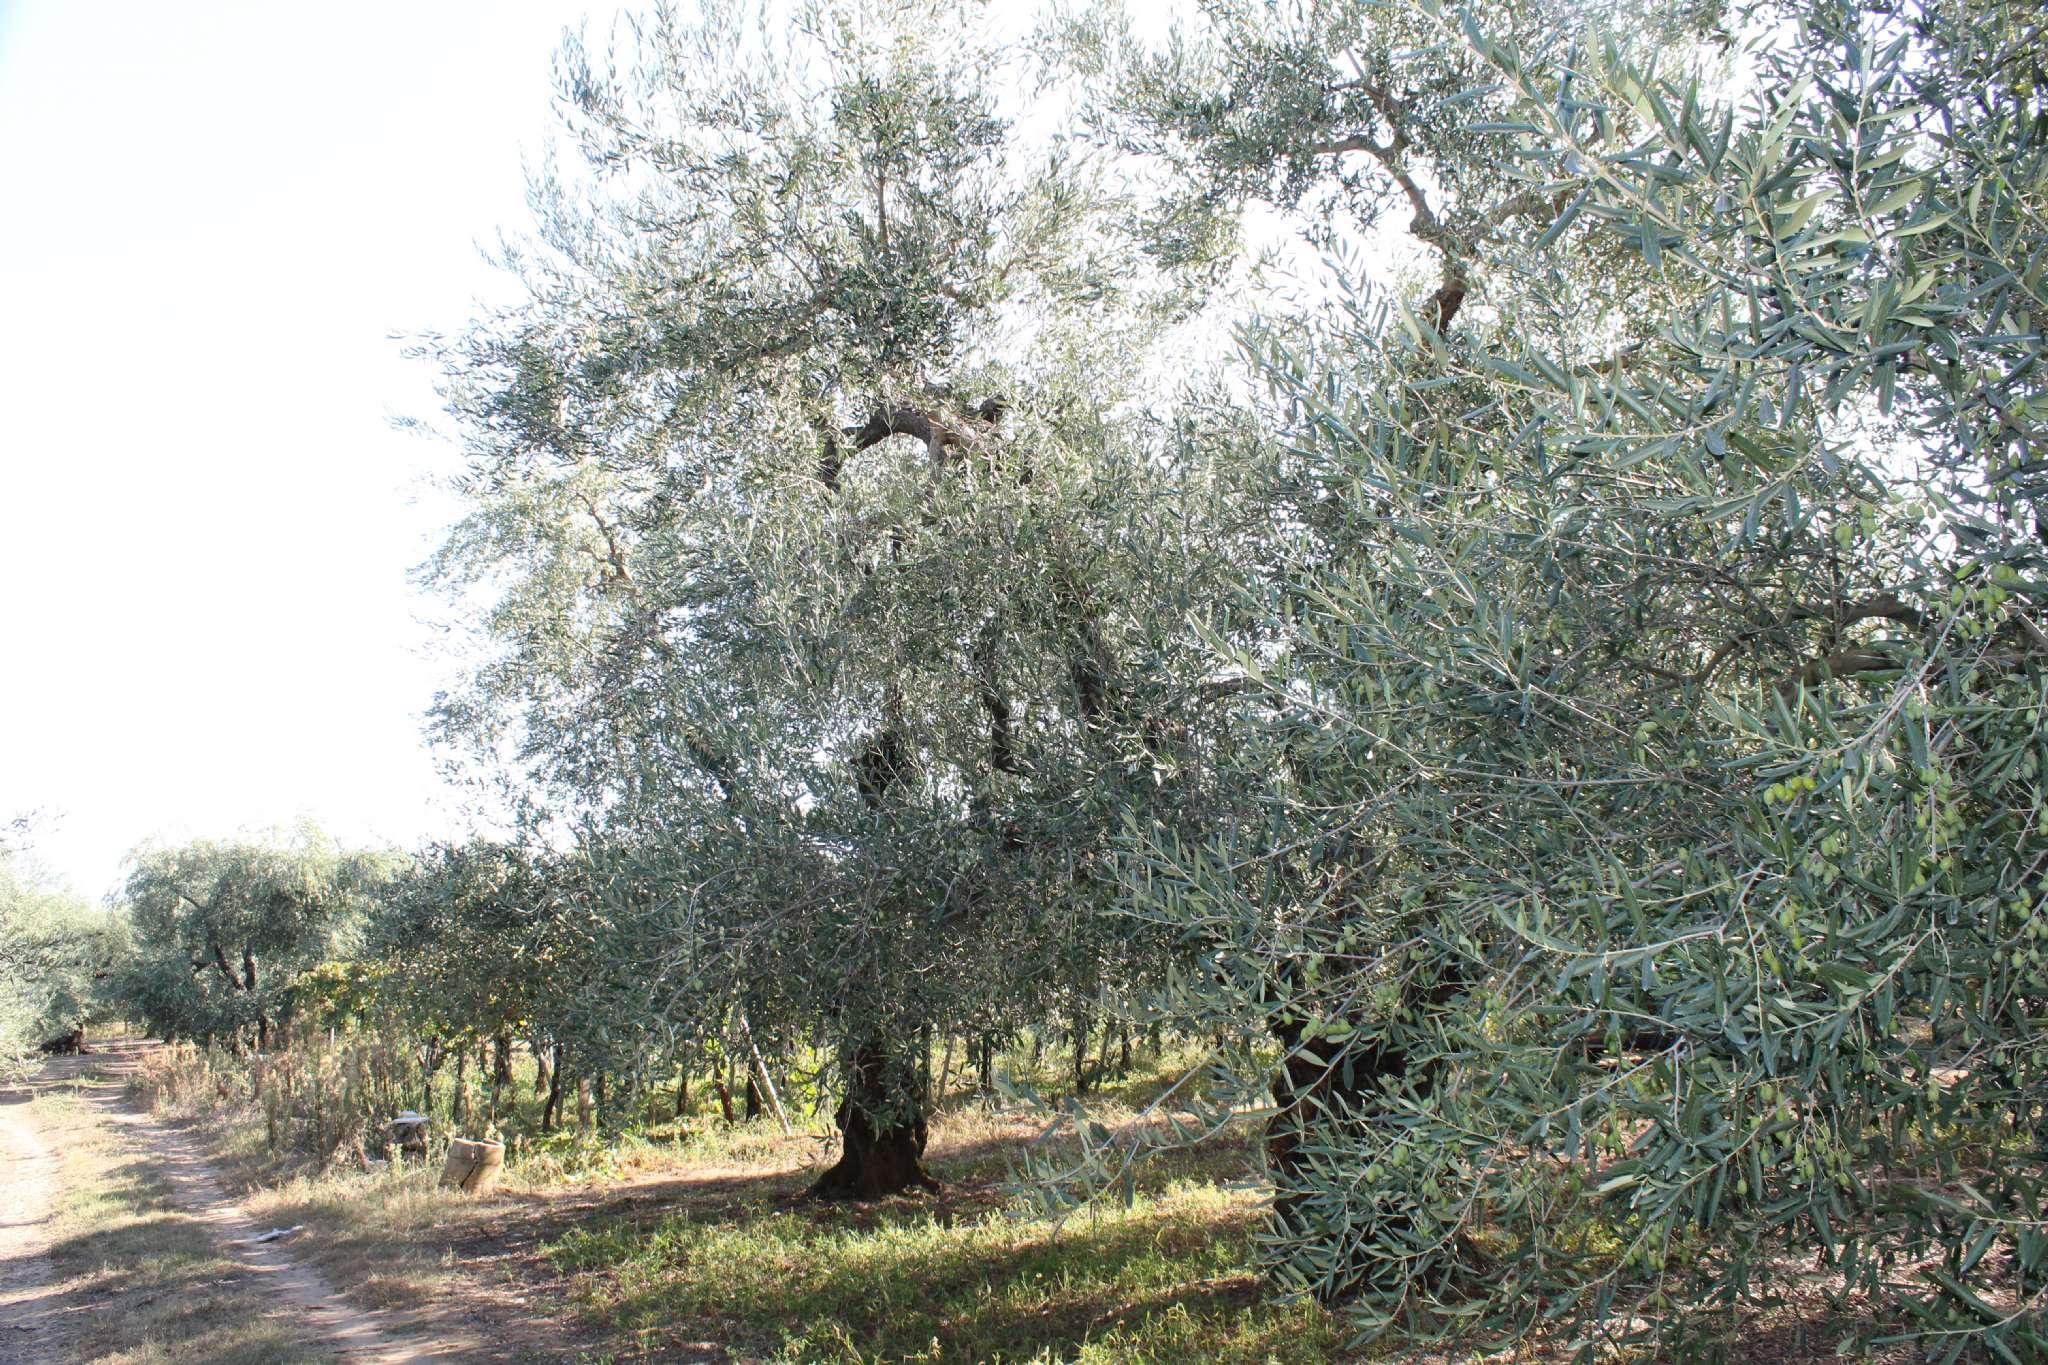 Terreno Agricolo in vendita a Andria, 9999 locali, prezzo € 14.700 | CambioCasa.it